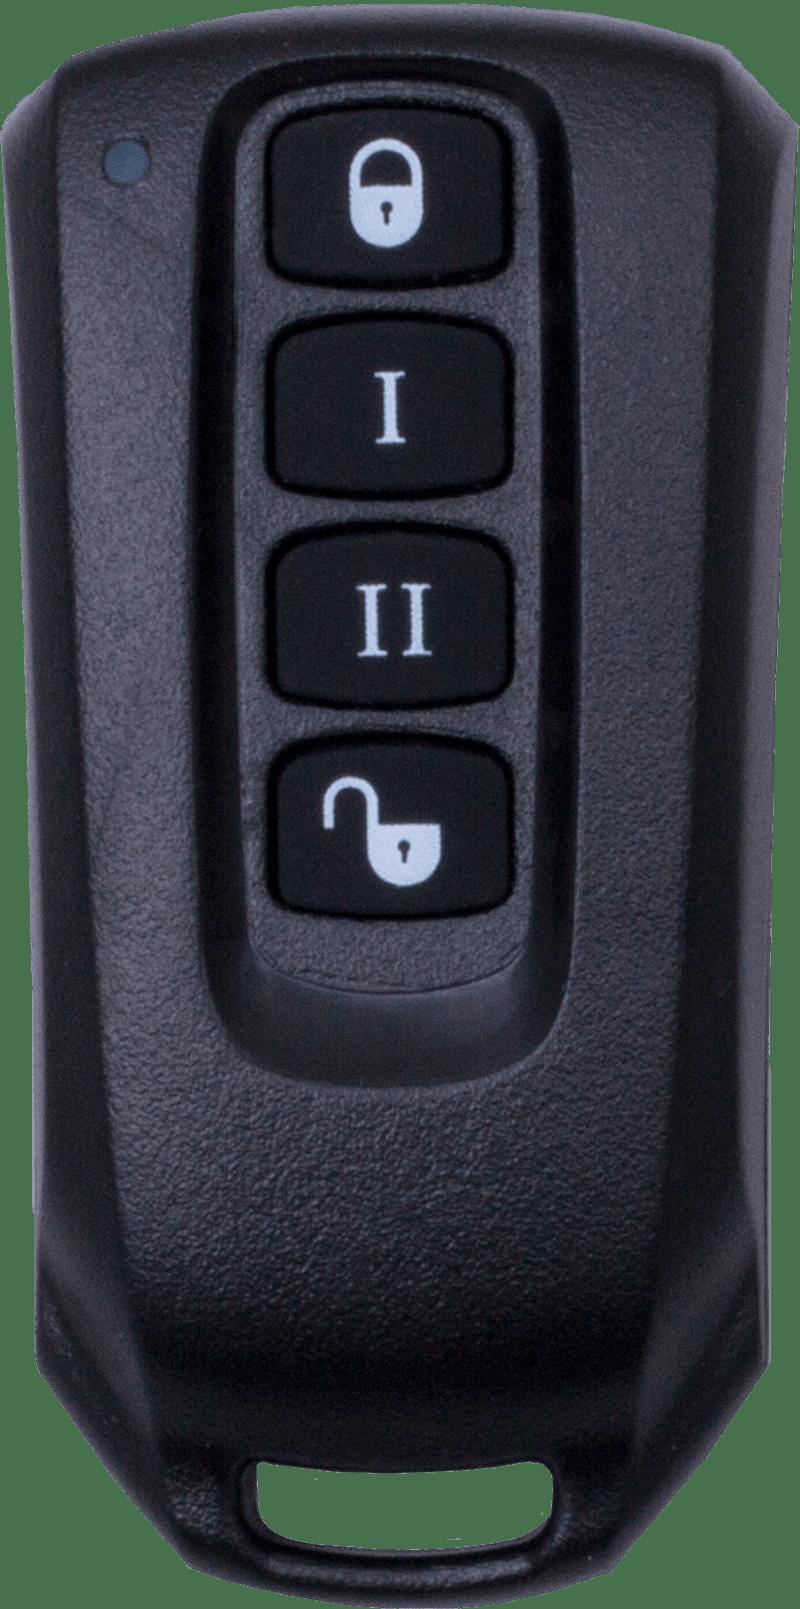 ITV WB864